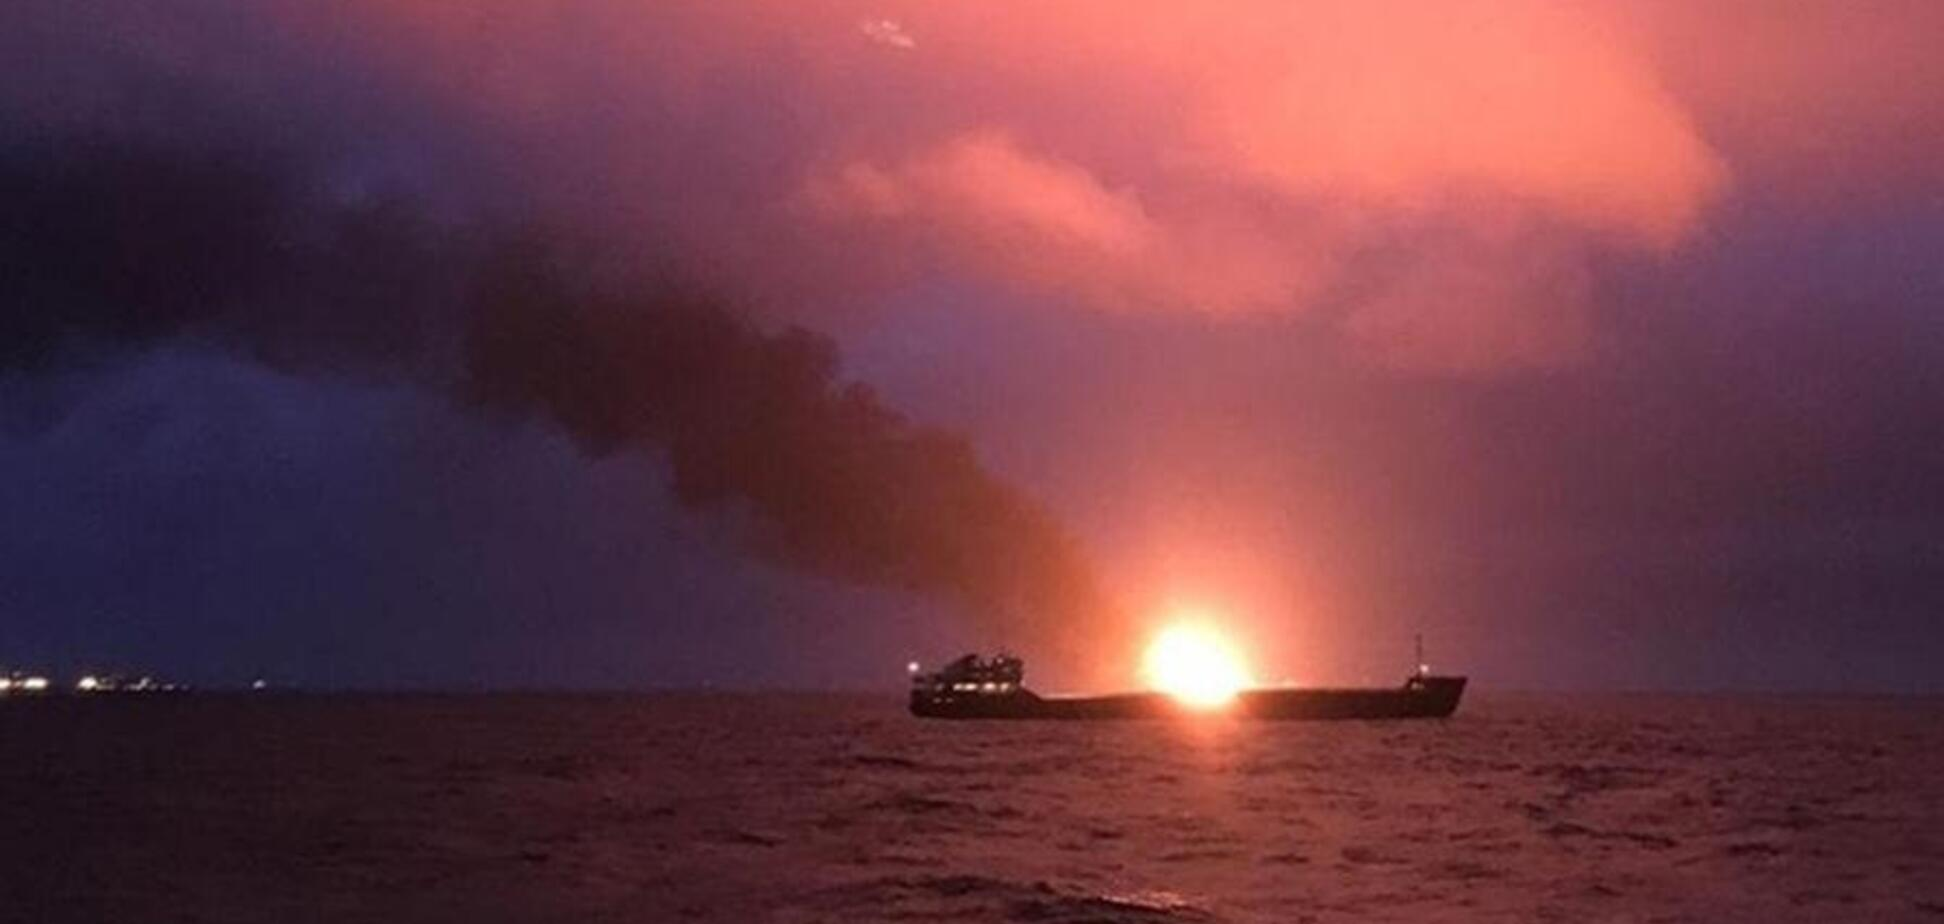 На горящих танкерах у Керченского пролива произошло новое ЧП